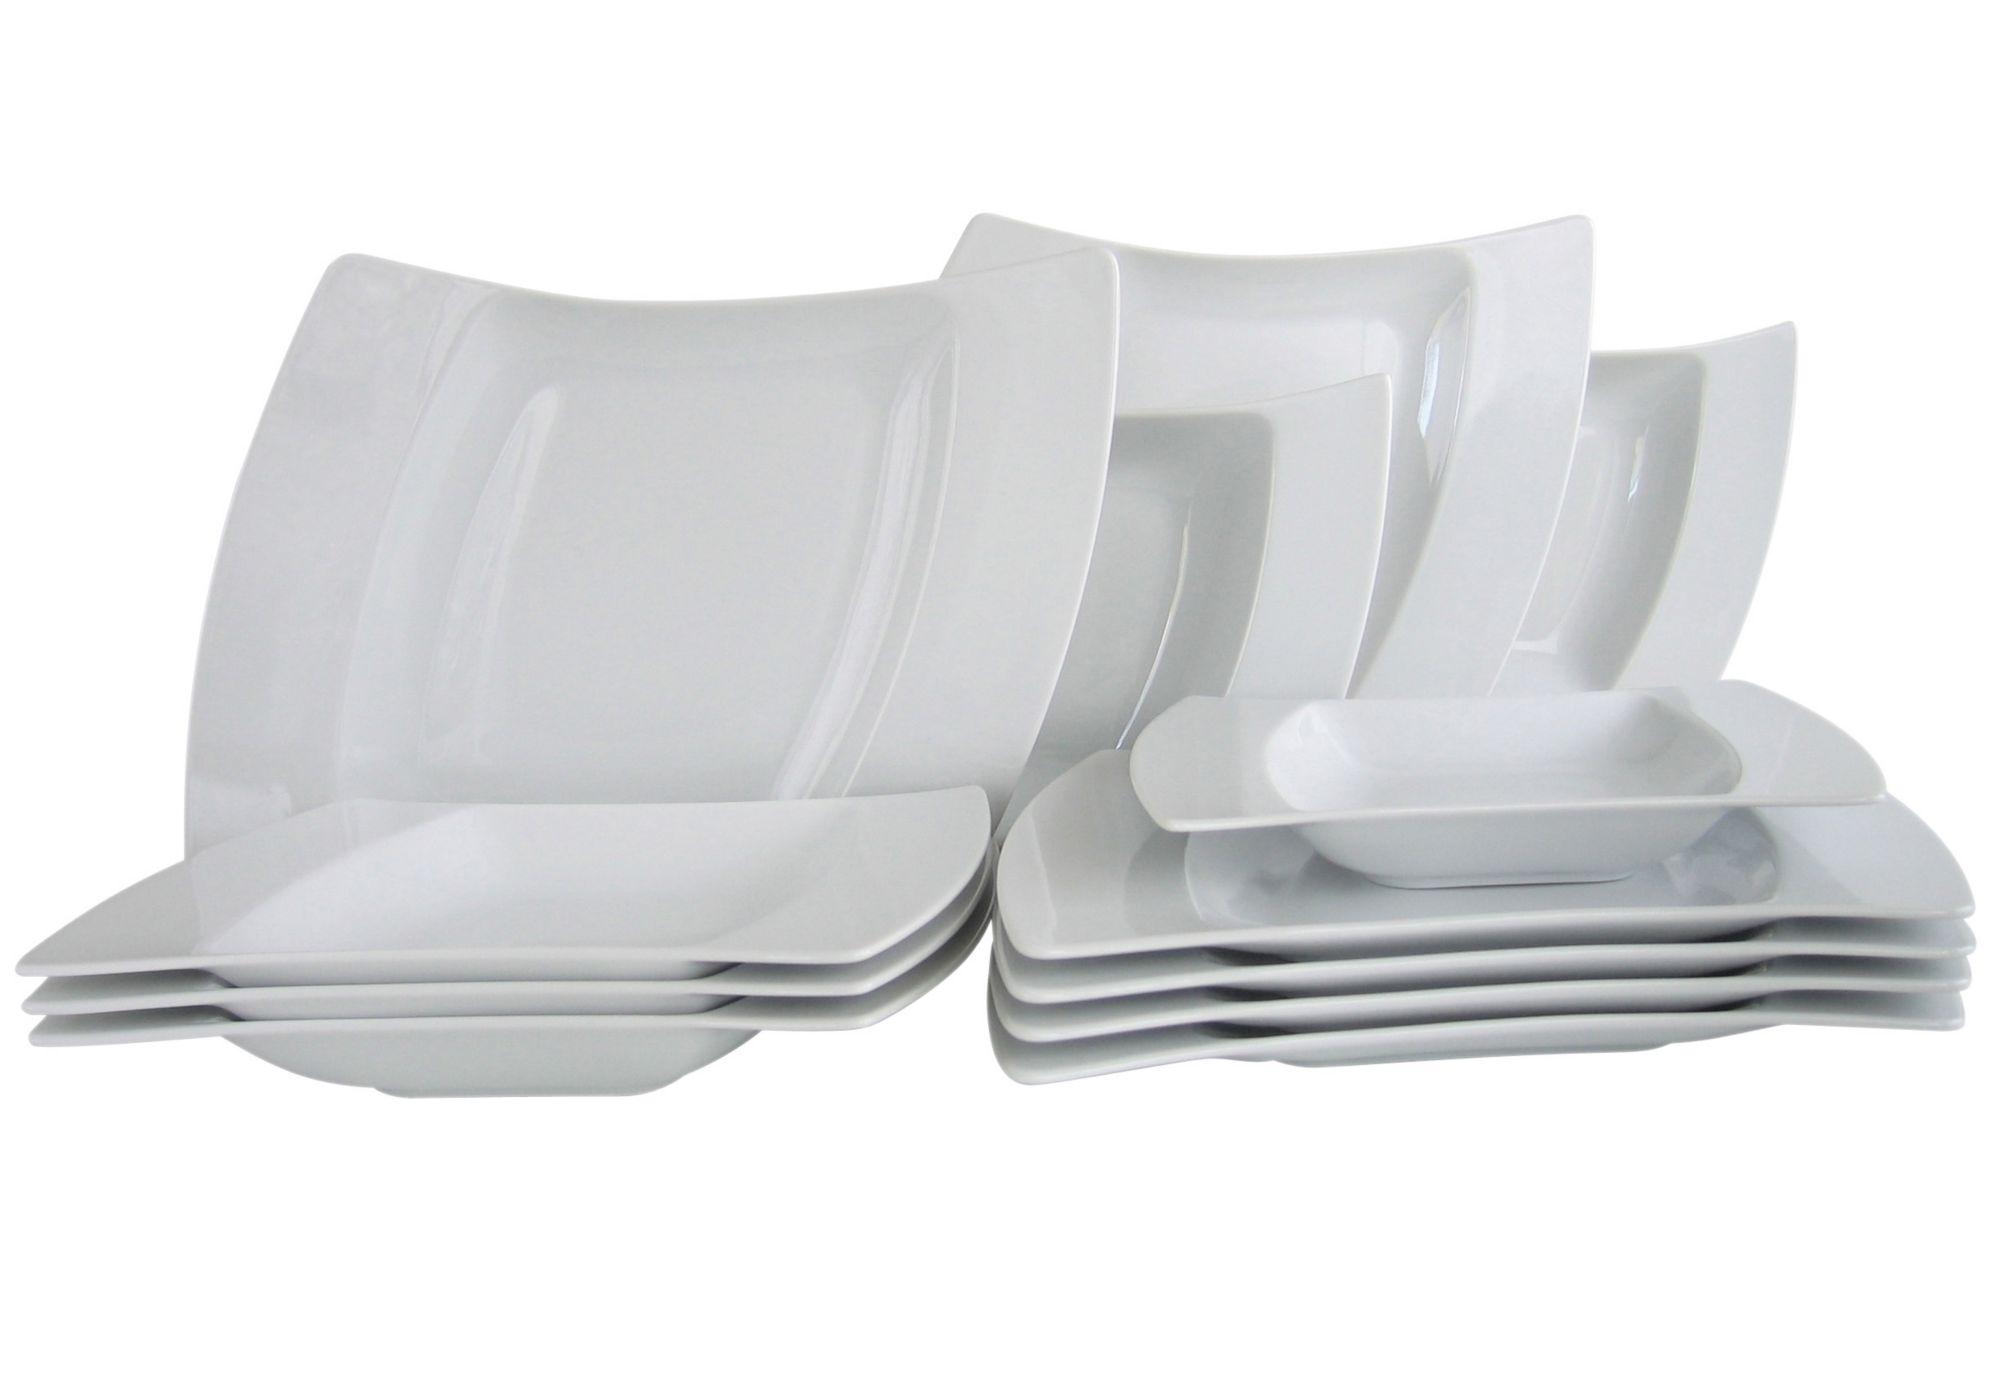 geschirr g nstig online kaufen beim schwab versand. Black Bedroom Furniture Sets. Home Design Ideas